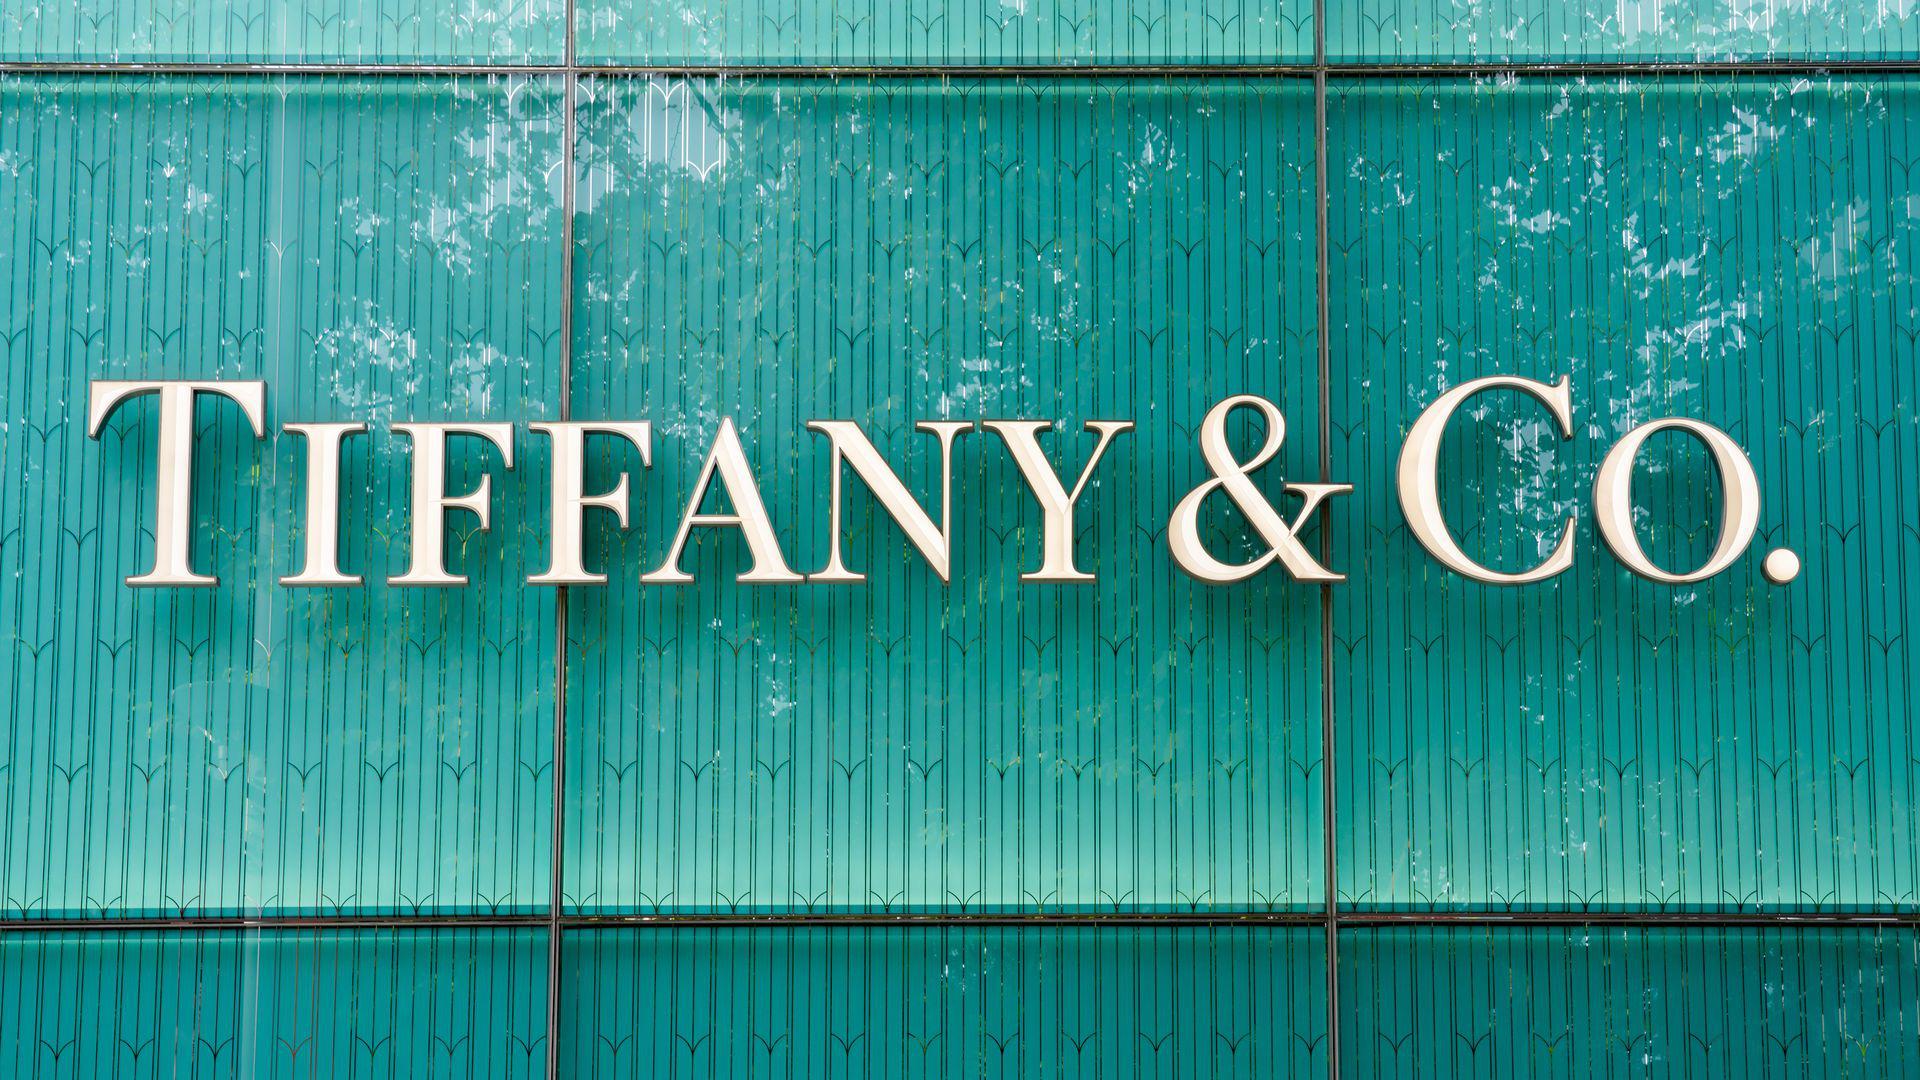 lvmhdungÔng Bernard Arnault sẽ đầu tư lớn để định vụ lại thương hiệu, cải thiện sự hiện diện ở Mỹ và tấn công thị trường Châu Á và Châu Âu cùng Tiffany, một nguồn tin thân cận nói. (Ảnh: Axios)